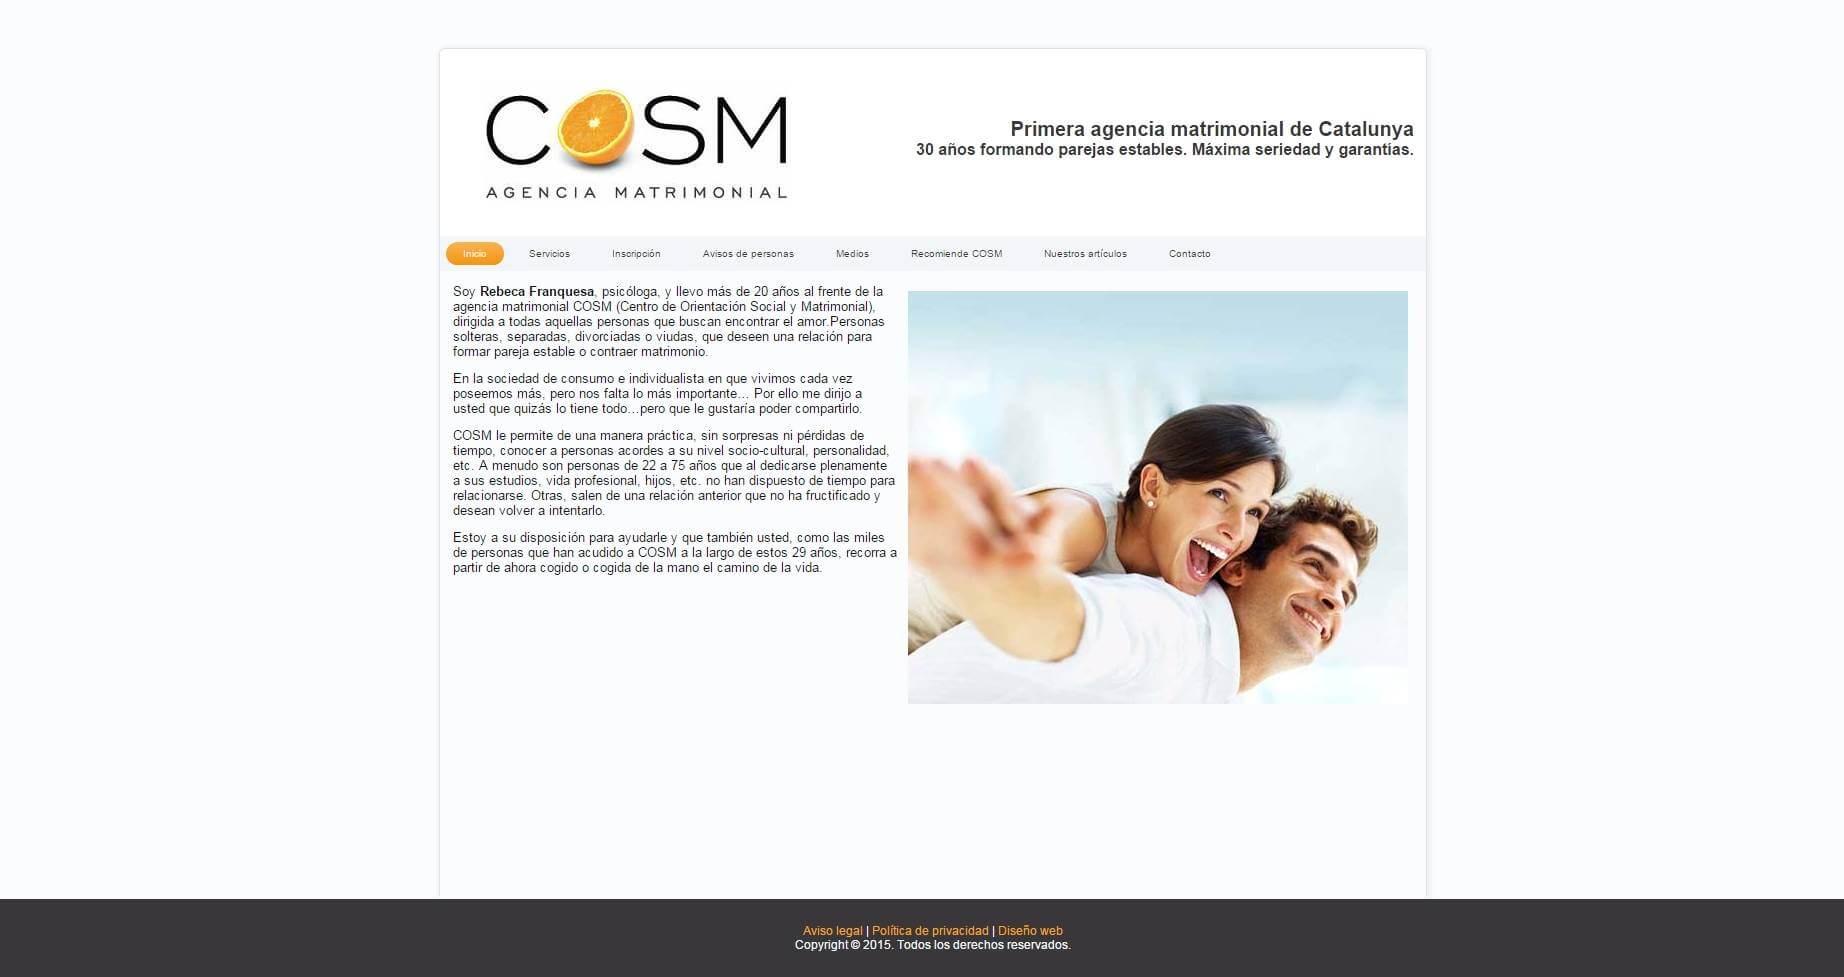 Las agencias matrimoniales y las páginas de contacto